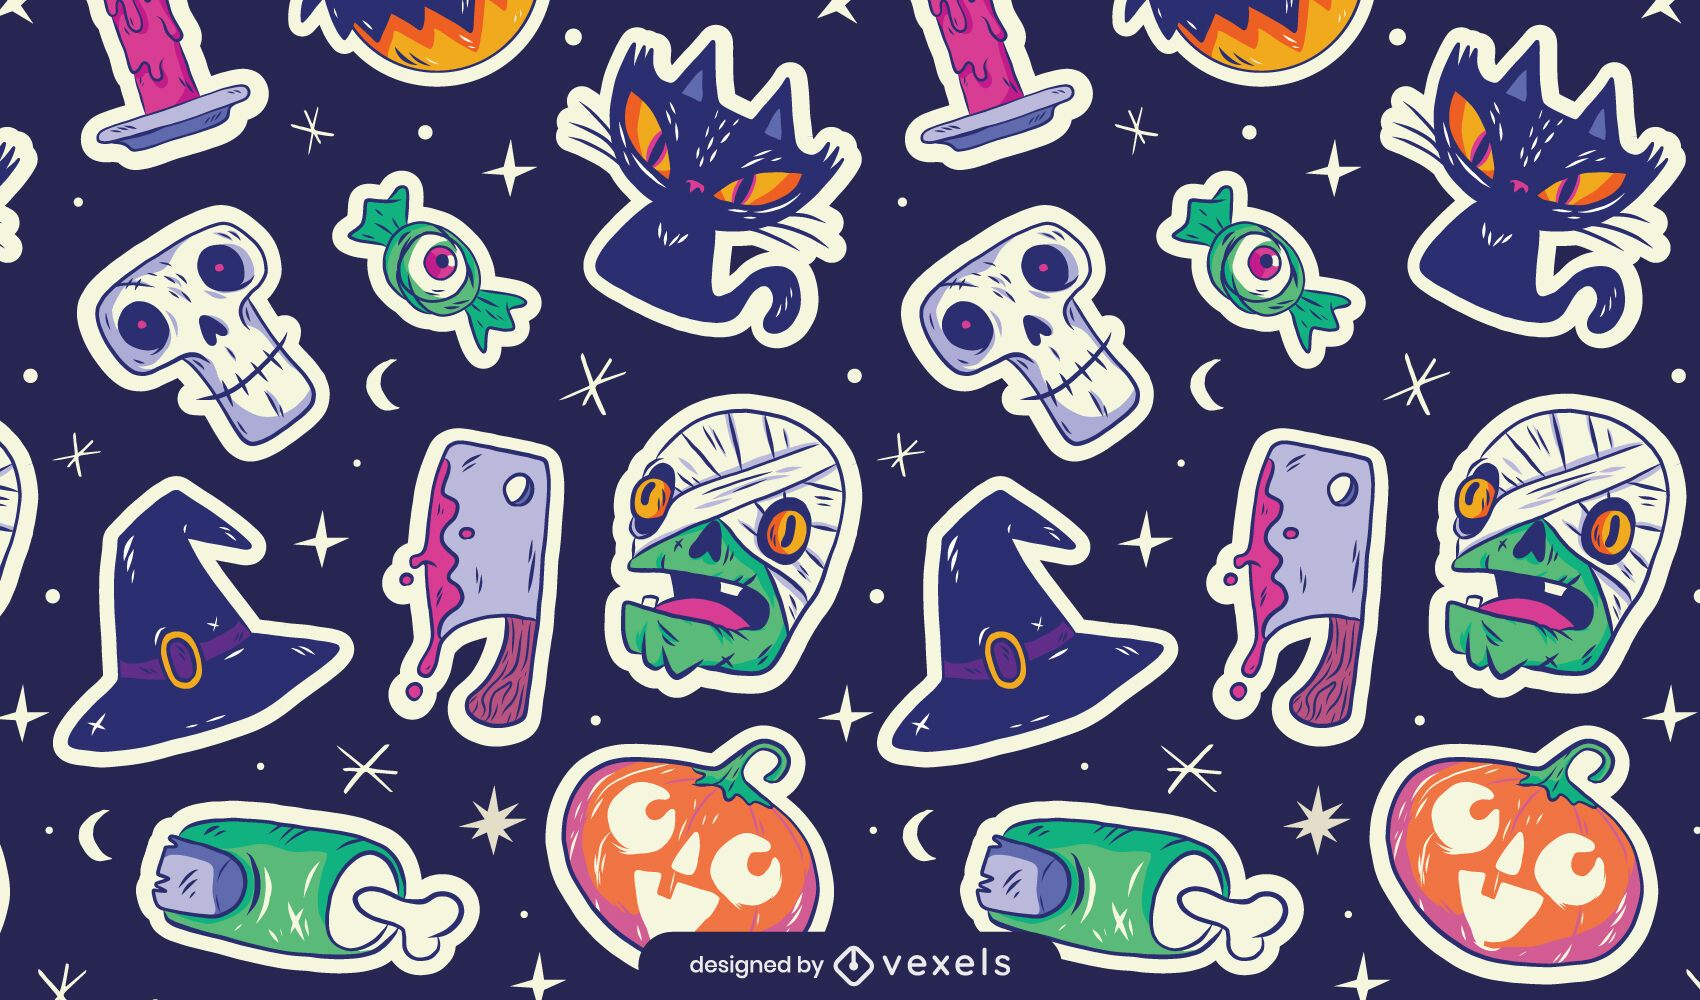 Halloween stickers pattern design